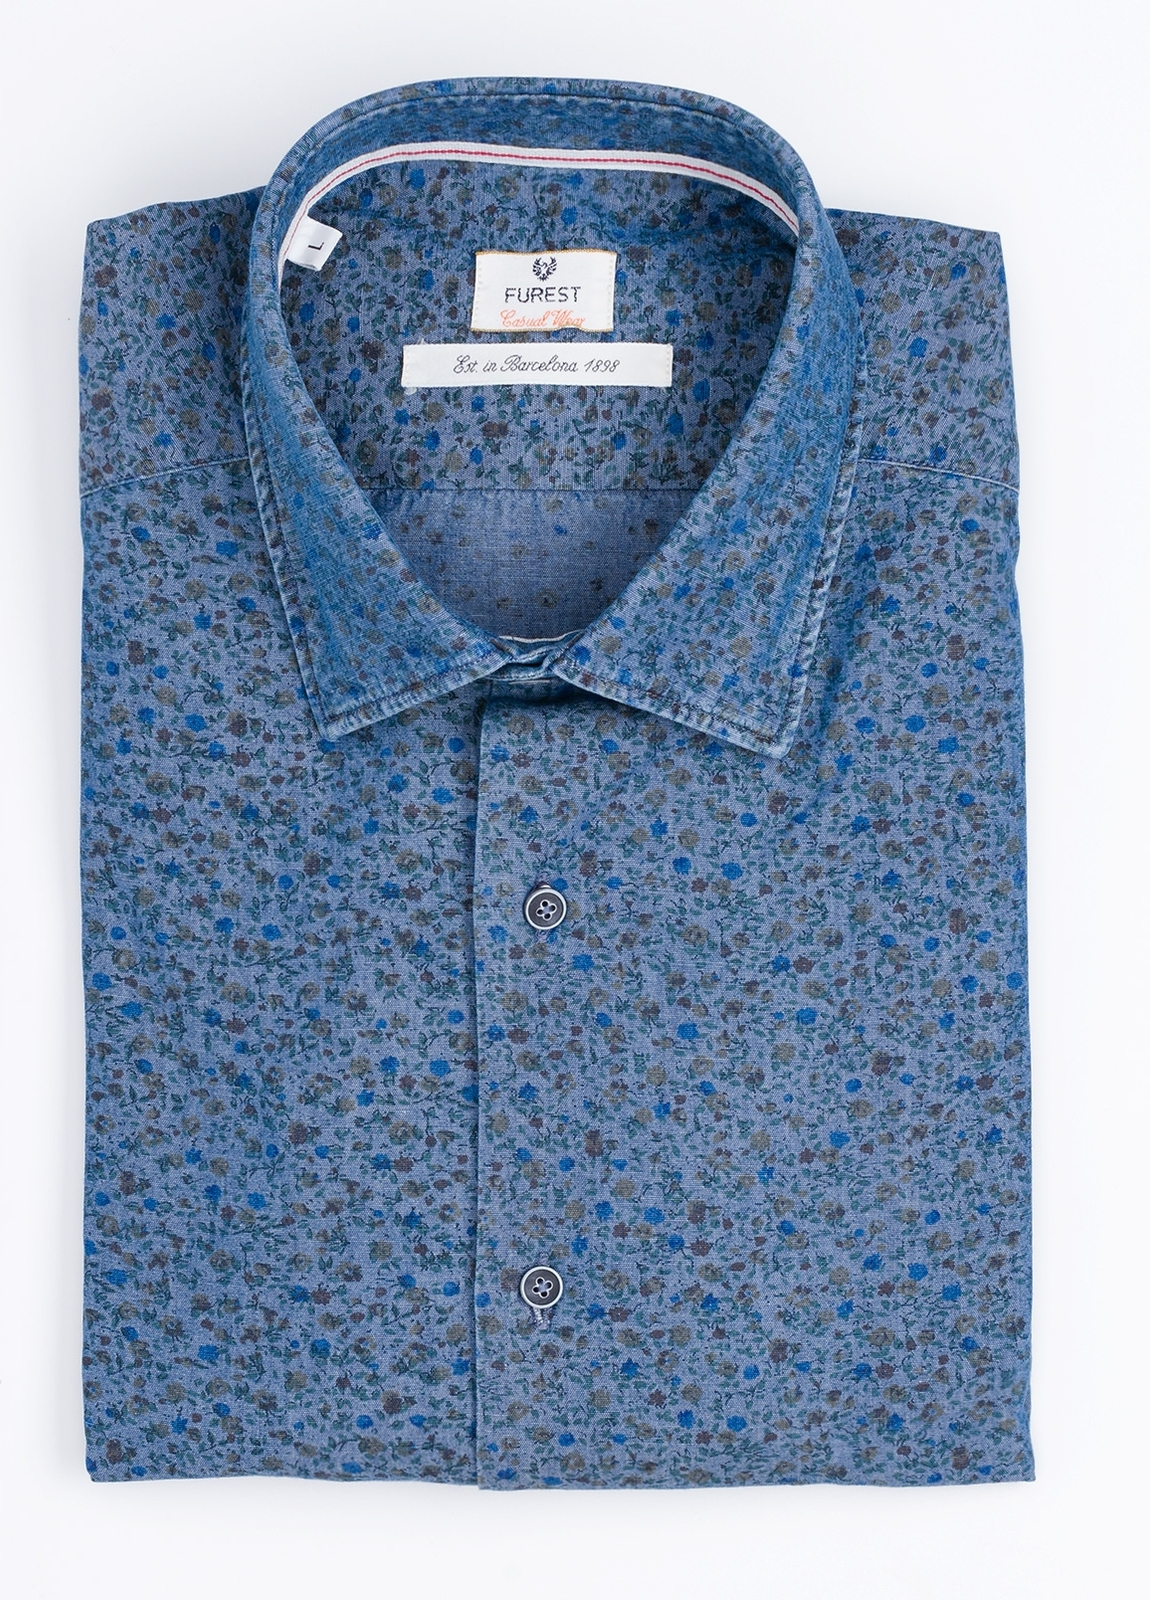 Camisa Casual Wear SLIM FIT Modelo PORTO estampado floral color azul denim. 100% Algodón.